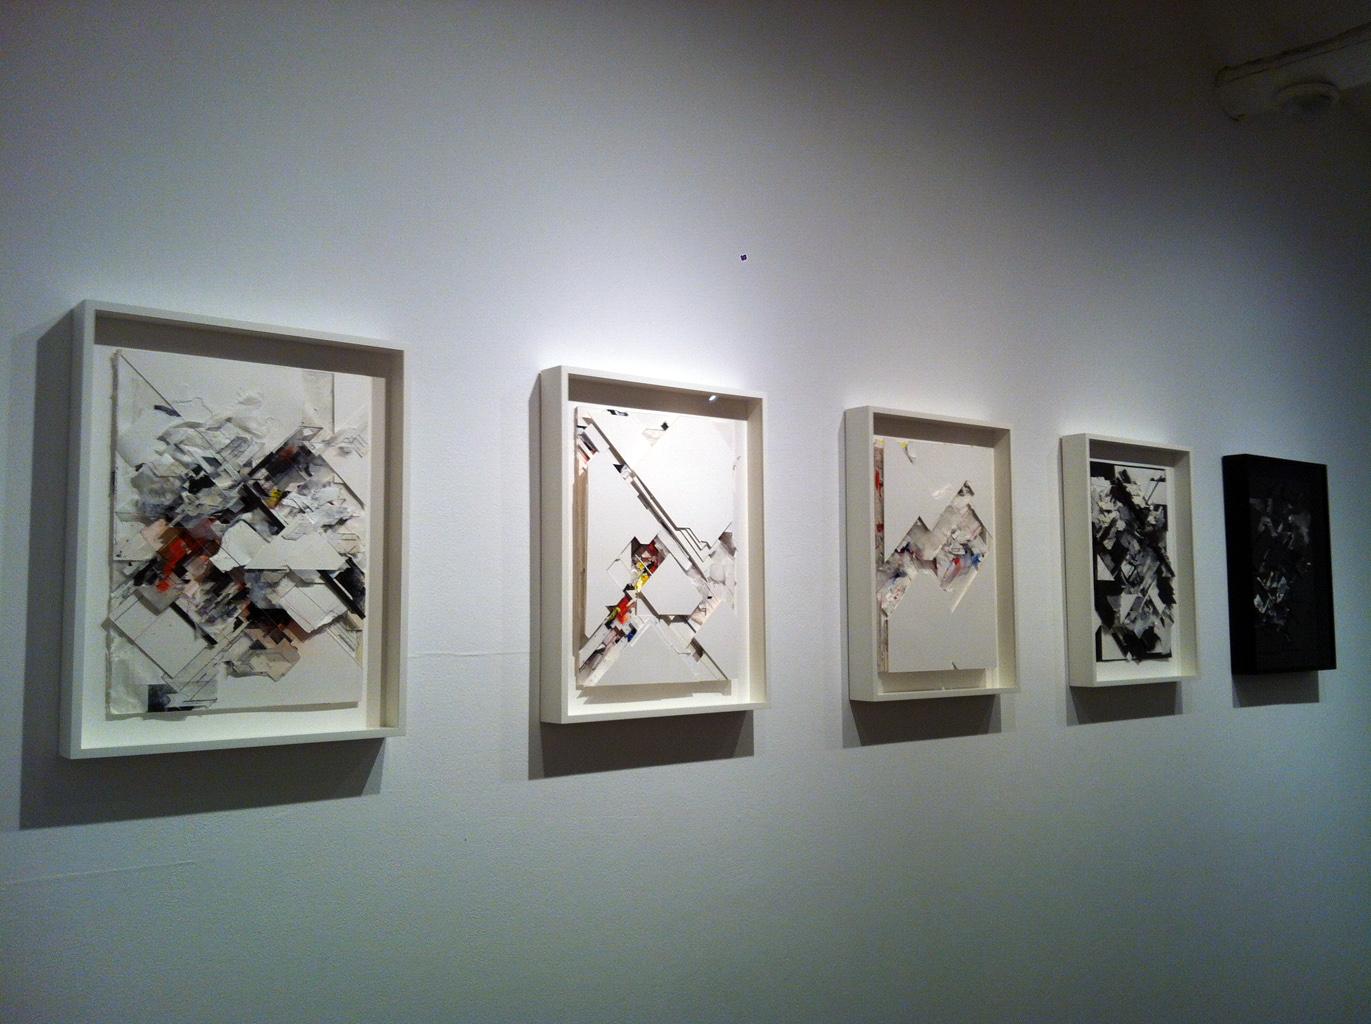 boris-delta-tellegen-overburden-new-show-at-common-gallery-09